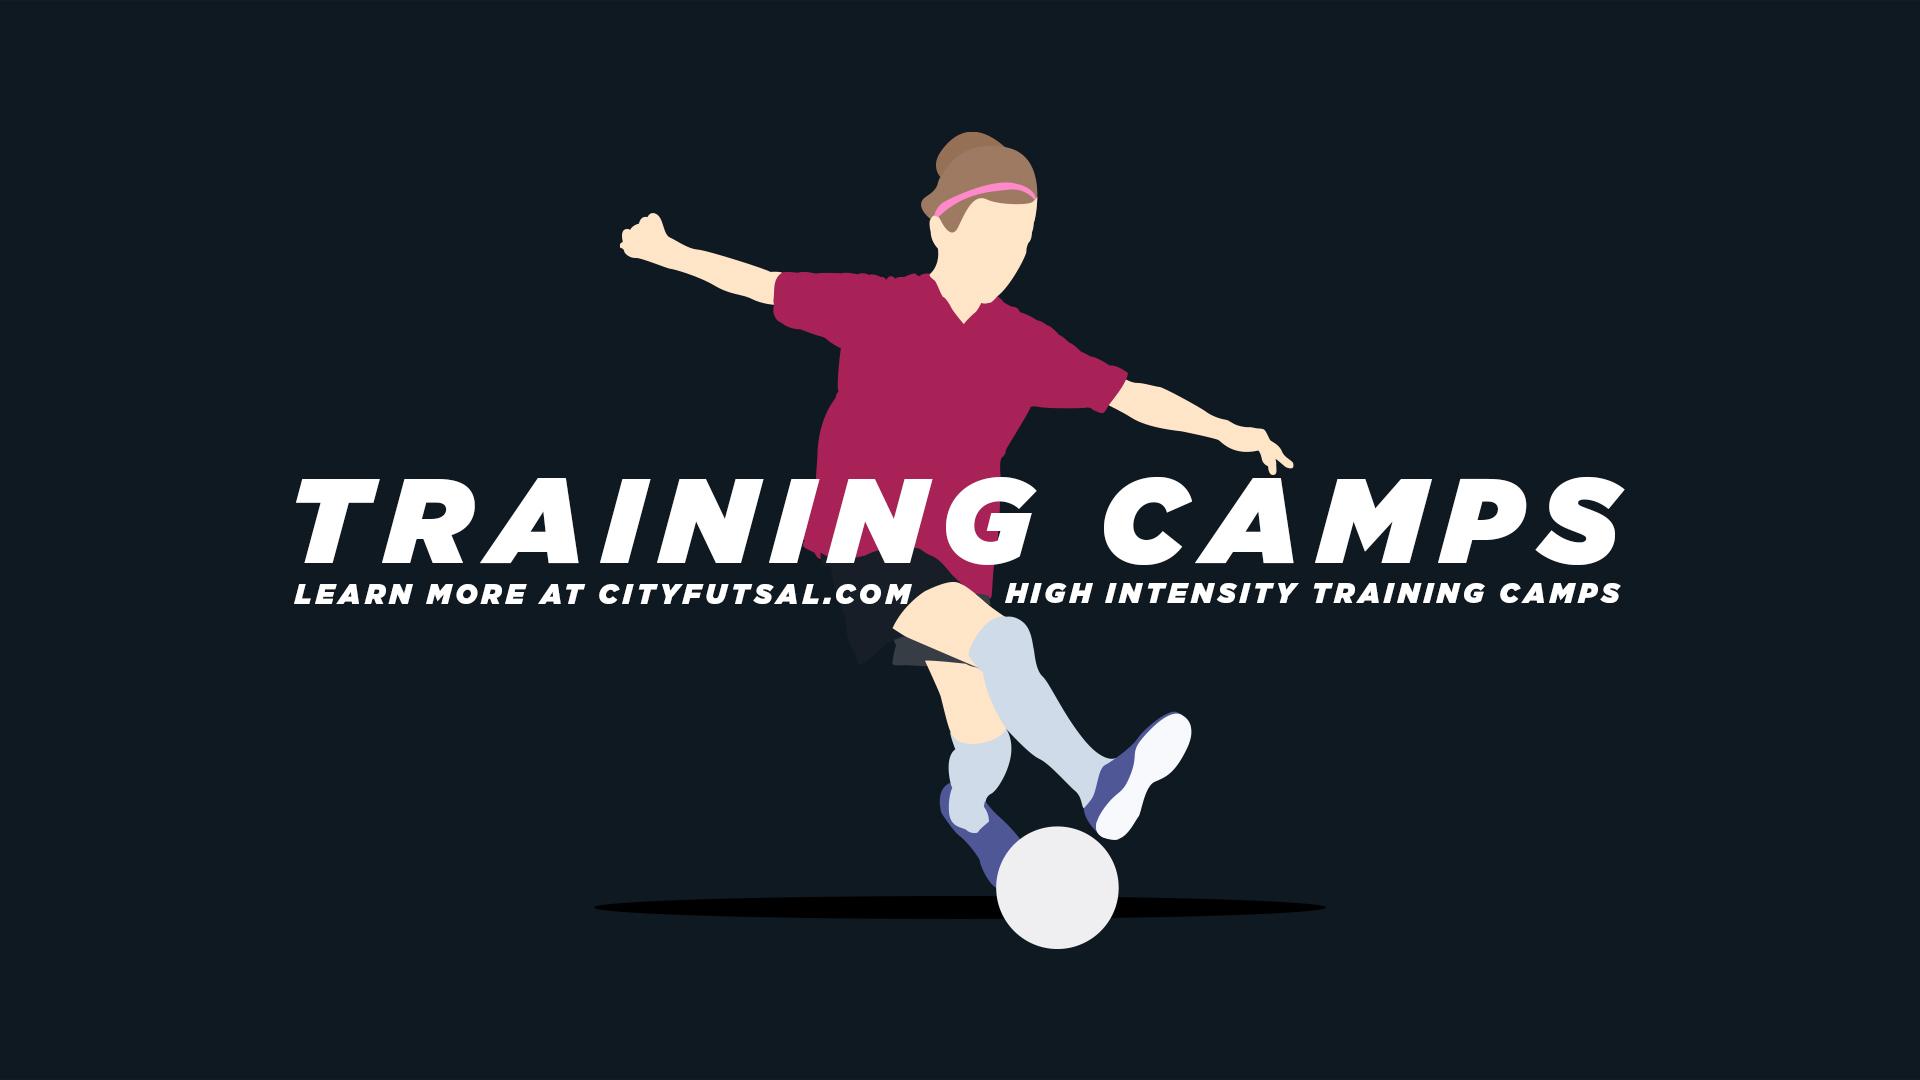 Spring Break Training Camps Fa5a3f_84c39da25a564d7eb7b863562ce027c5~mv2